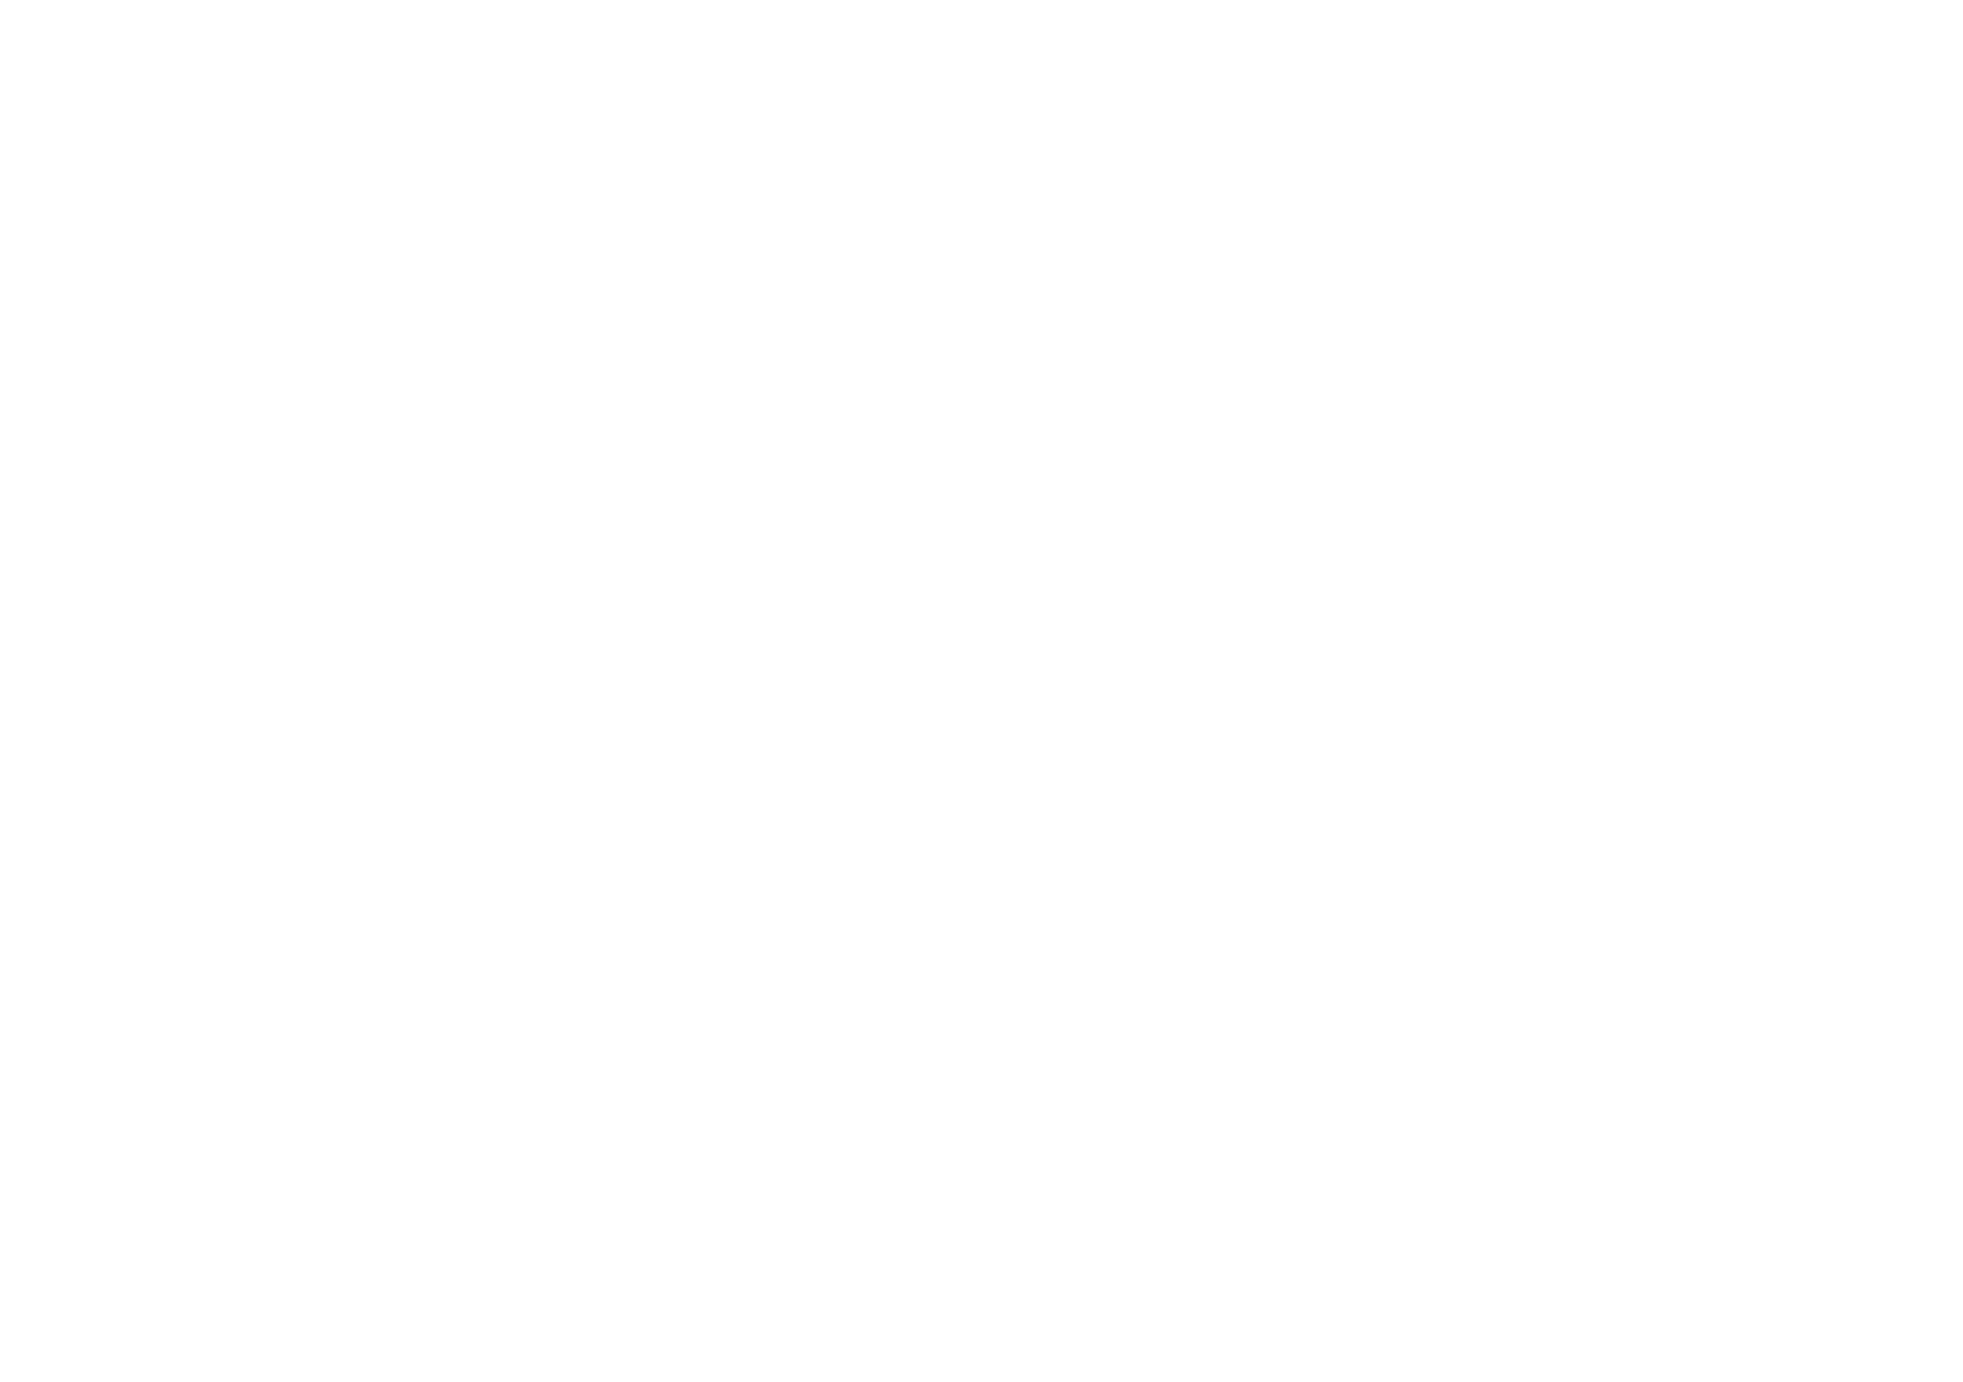 Horlogerie Maillot Paris